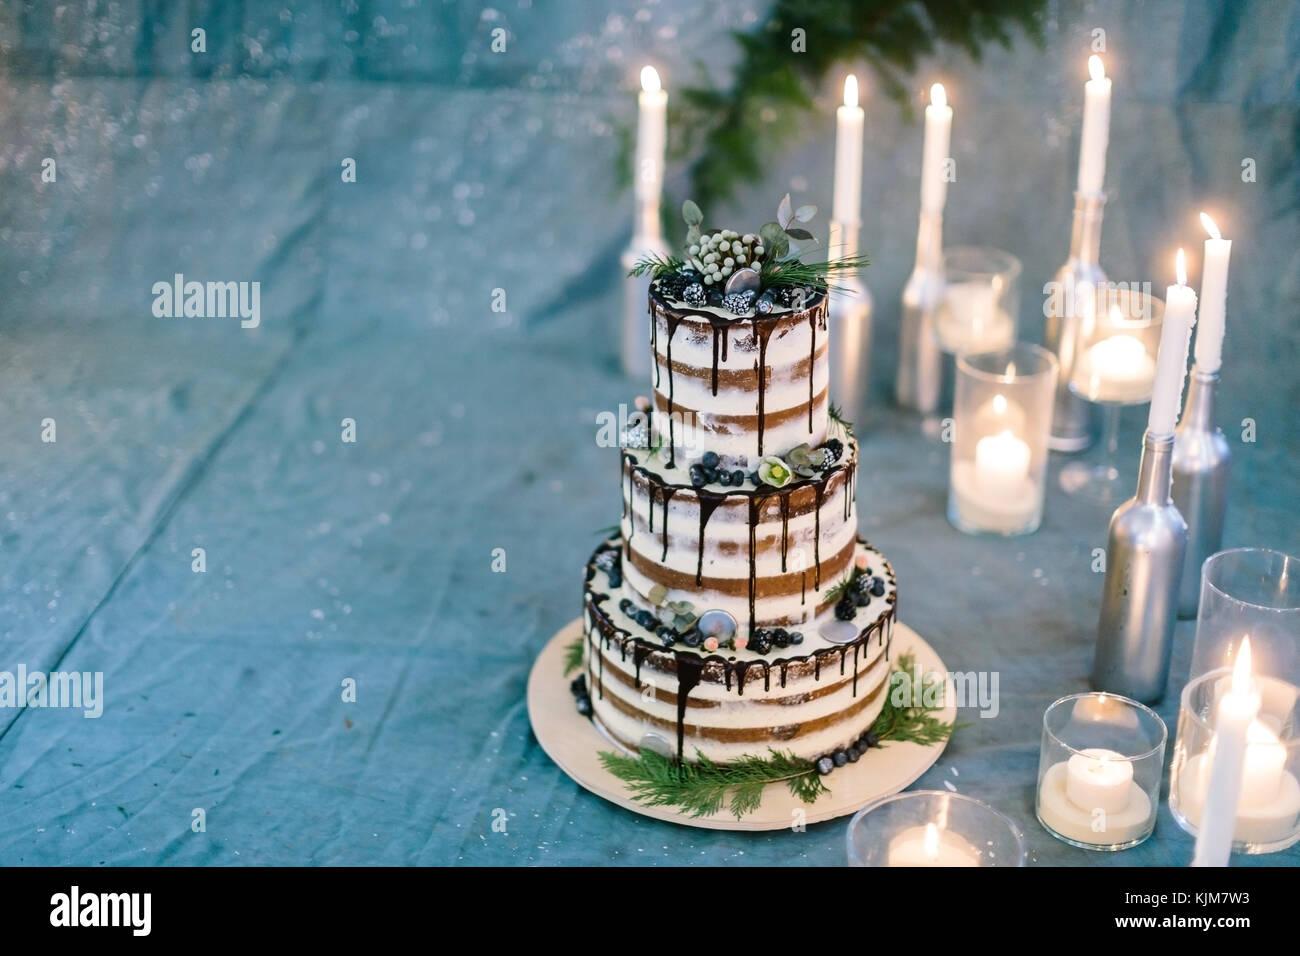 Dolciumi, dessert, il concetto di partito. meravigliosa torta composta da tre livelli, tutti accuratamente decorate Foto Stock